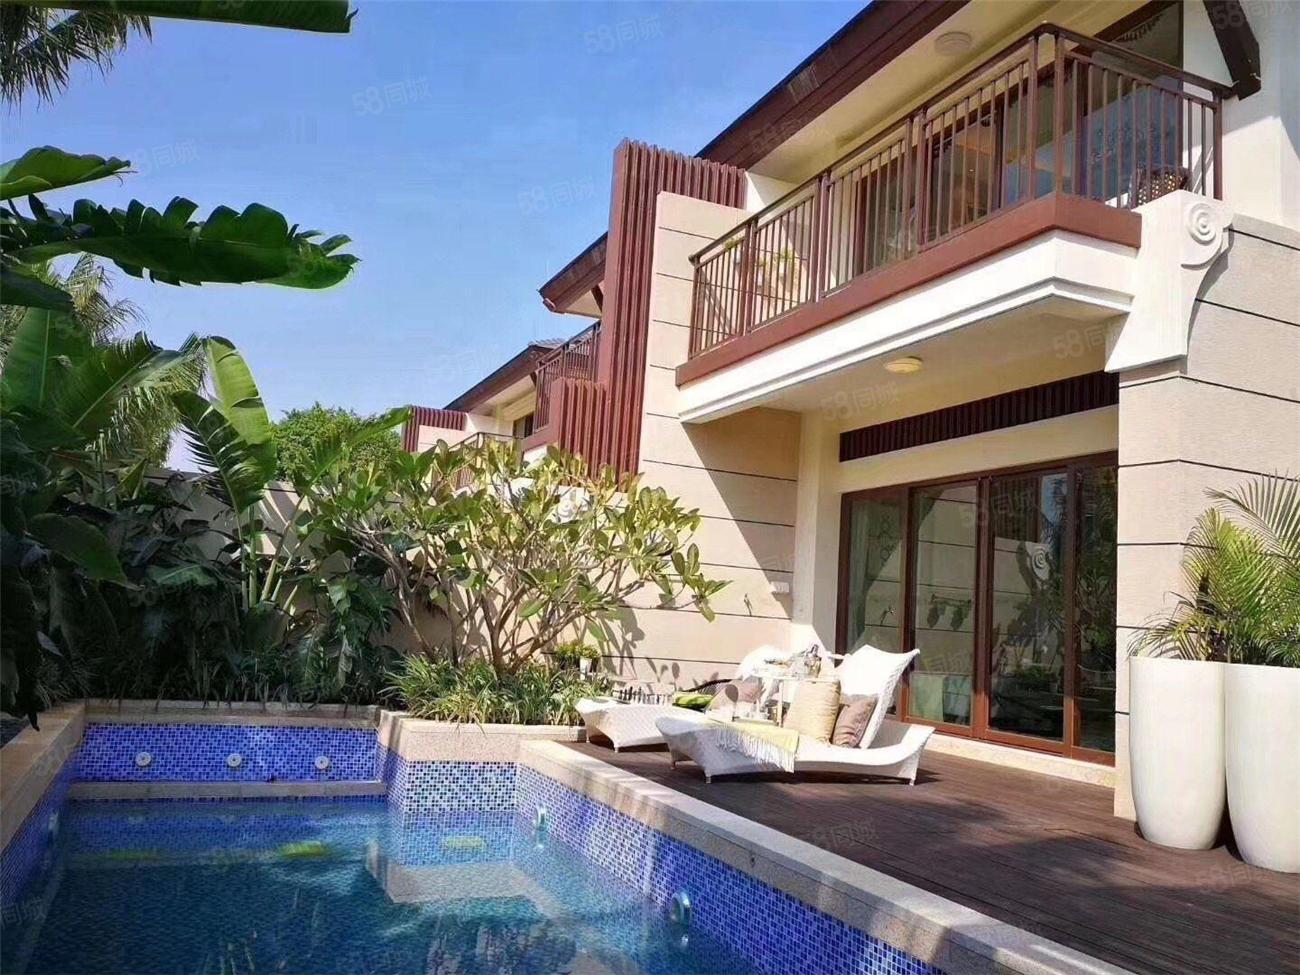 新房!业主没钱清退!雅居乐独栋中式别墅,前后双花园,带泳池。